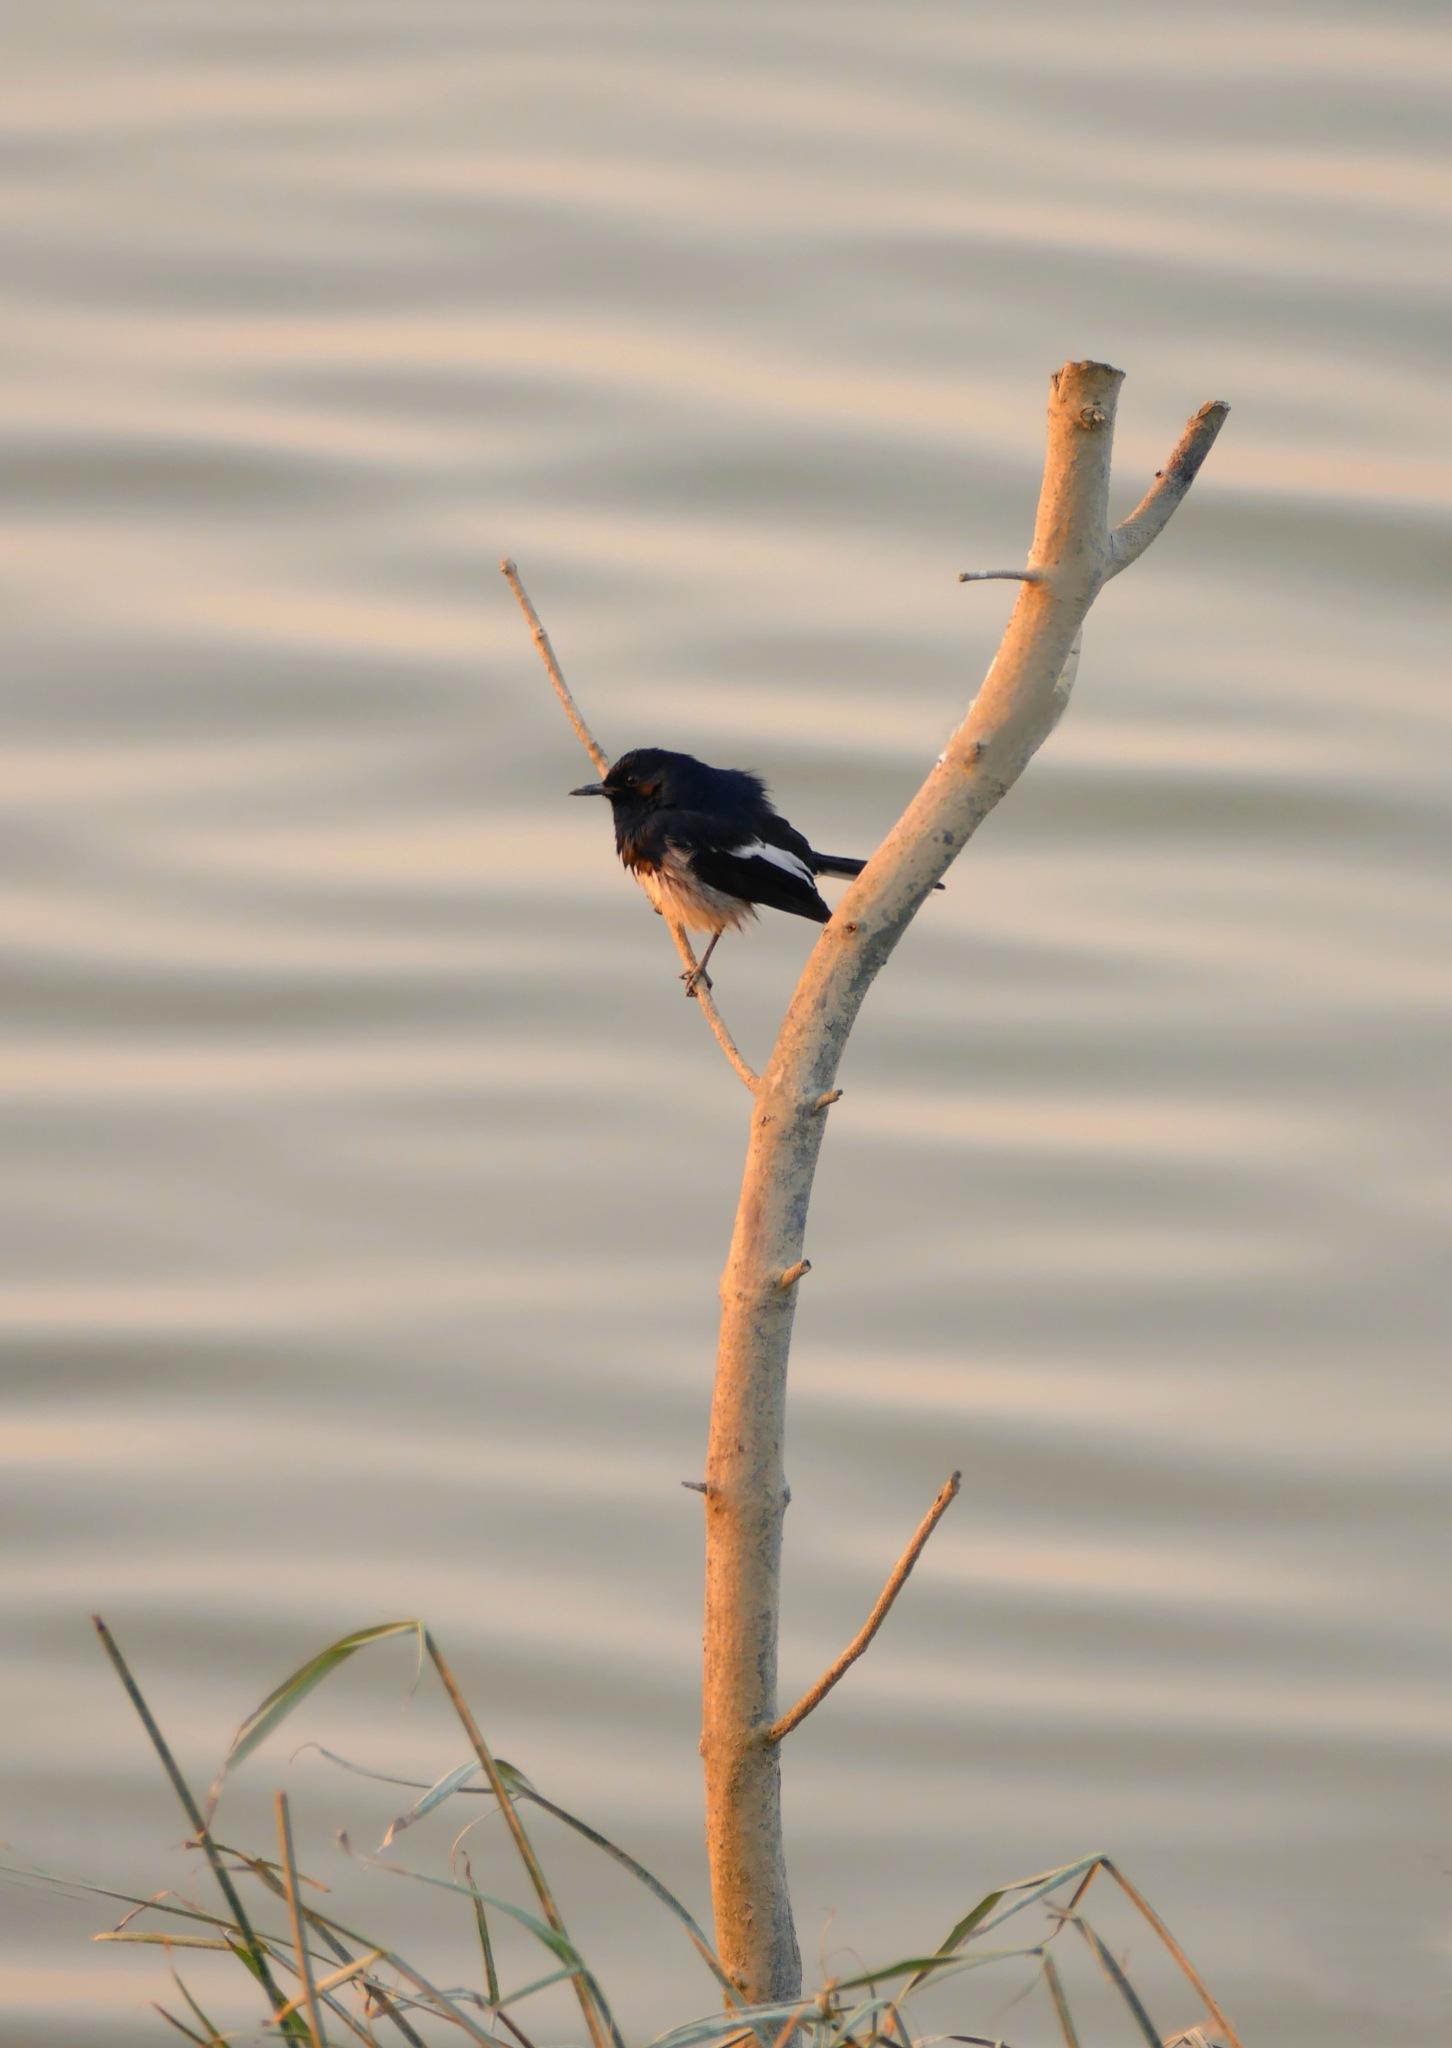 Bird-1 by pop88123